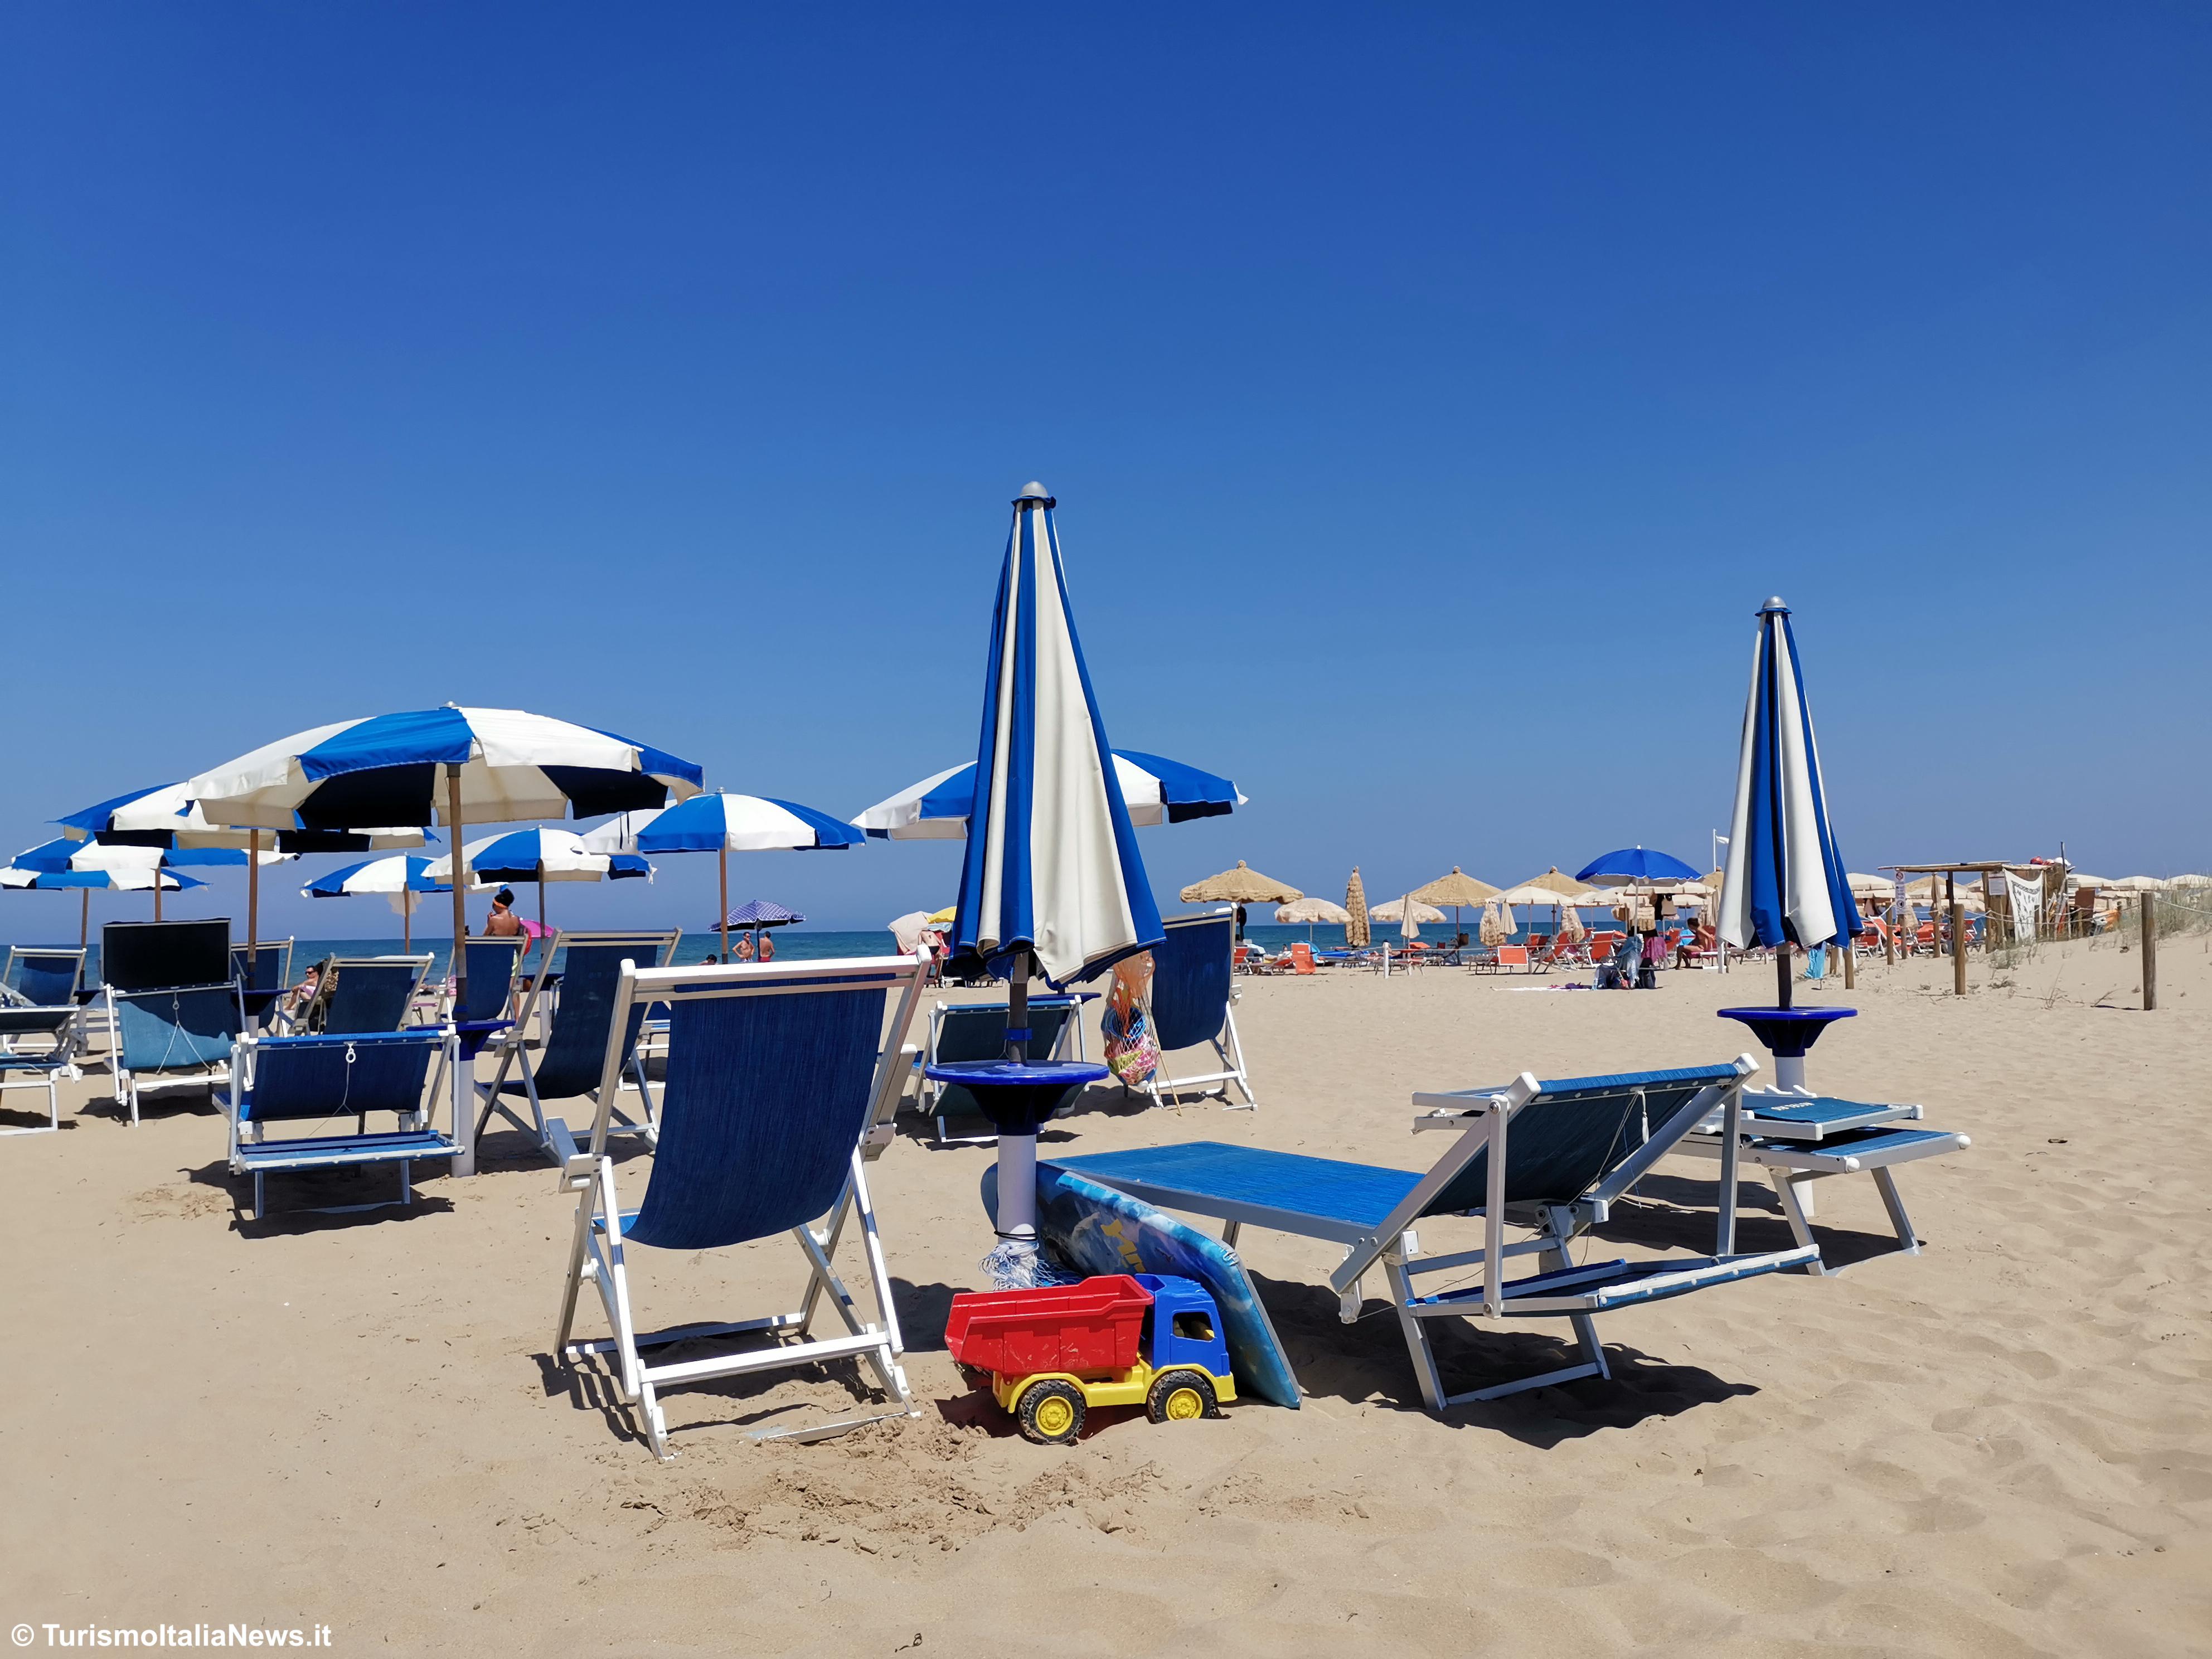 http://www.turismoitalianews.it/images/stories/mare/RivieraMareAdriatico3.jpg